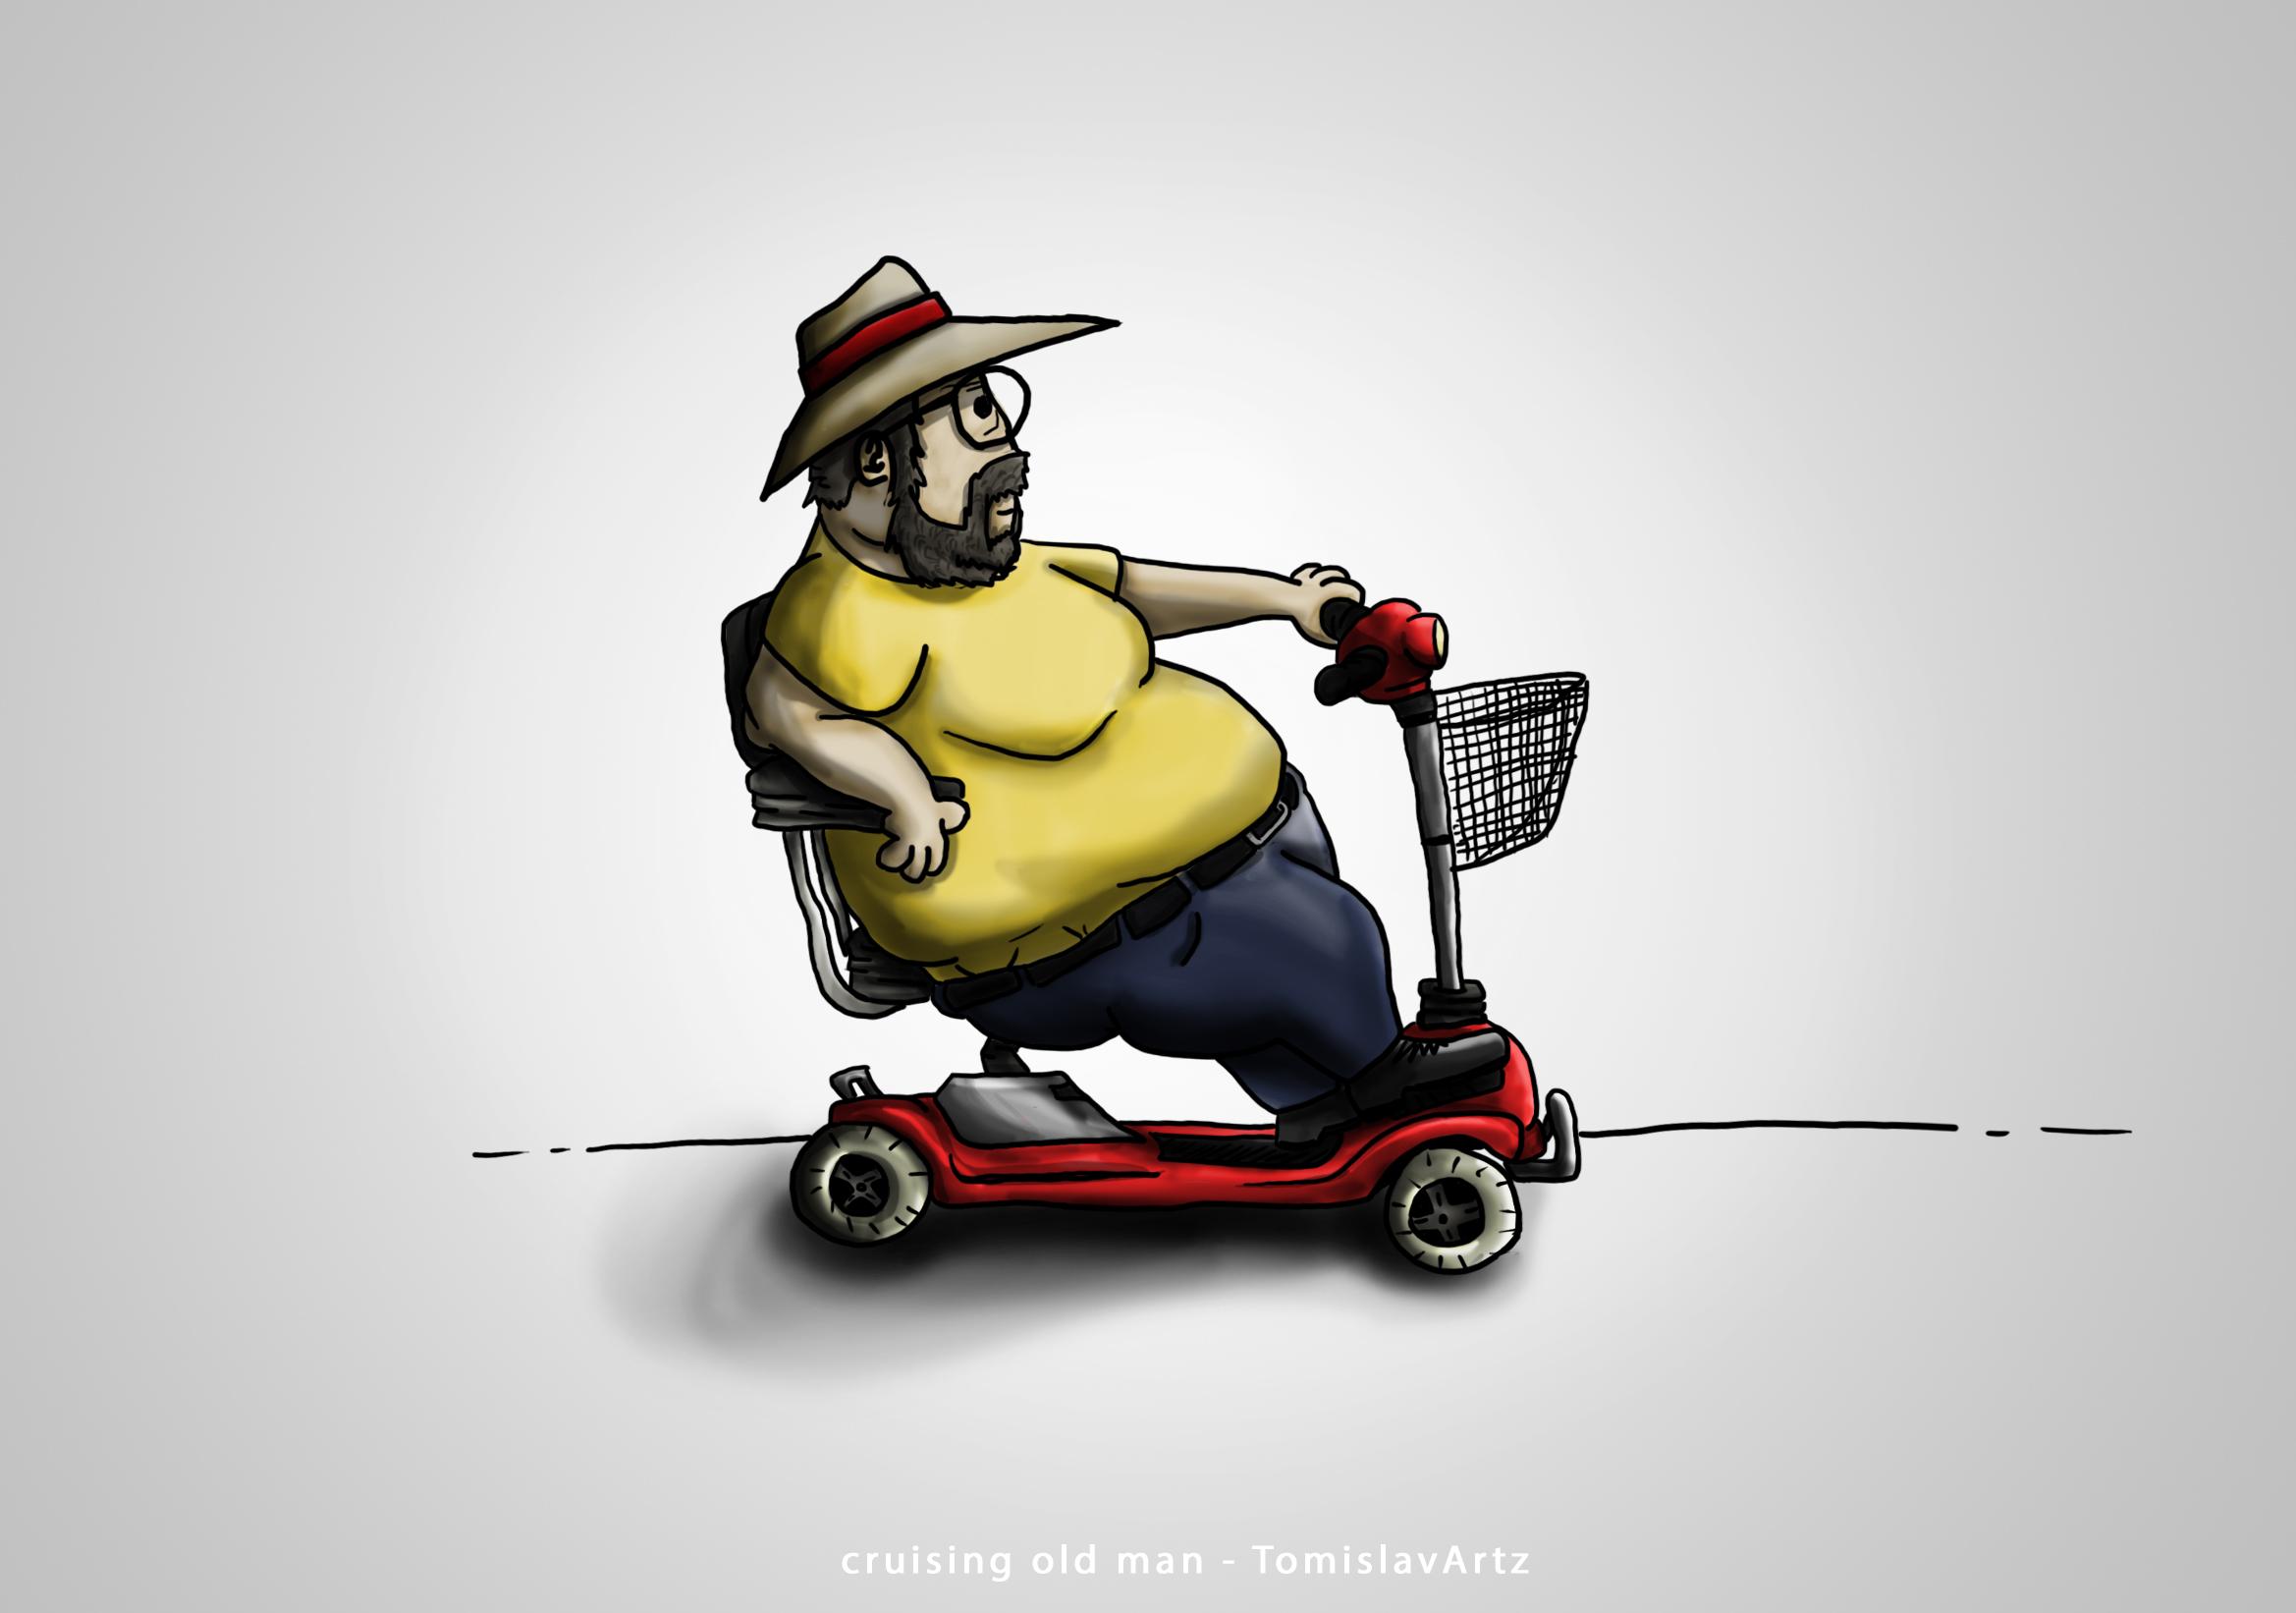 Old Man Cruising